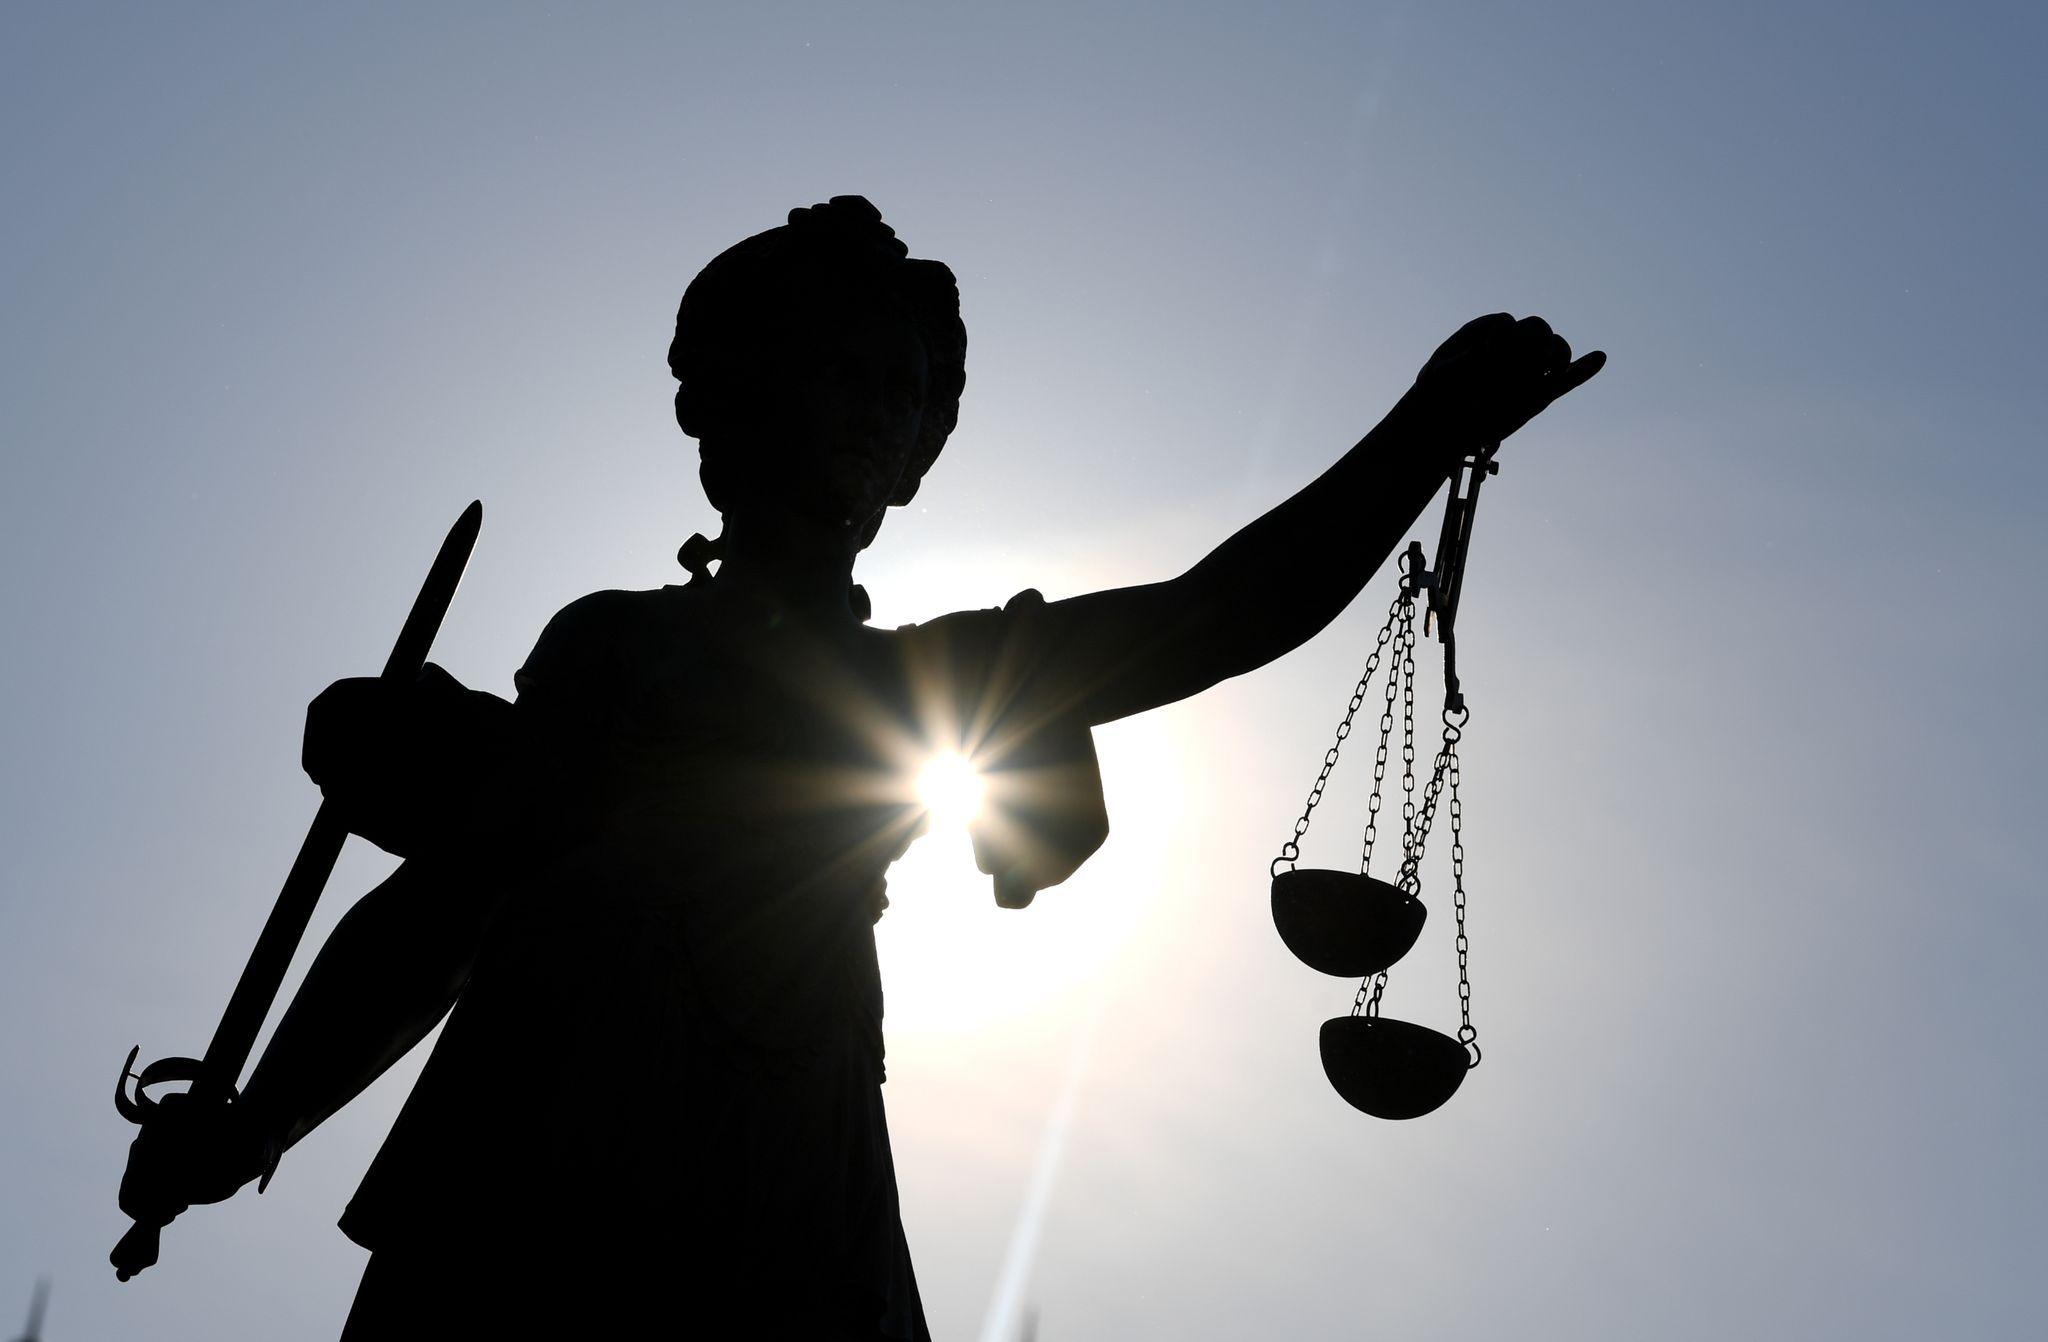 Auch im Fall einer Verjährung darf der Staat zu Unrecht erlangtes Vermögen einziehen, urteilt das Bundesverfassungsgericht. Foto: dpa